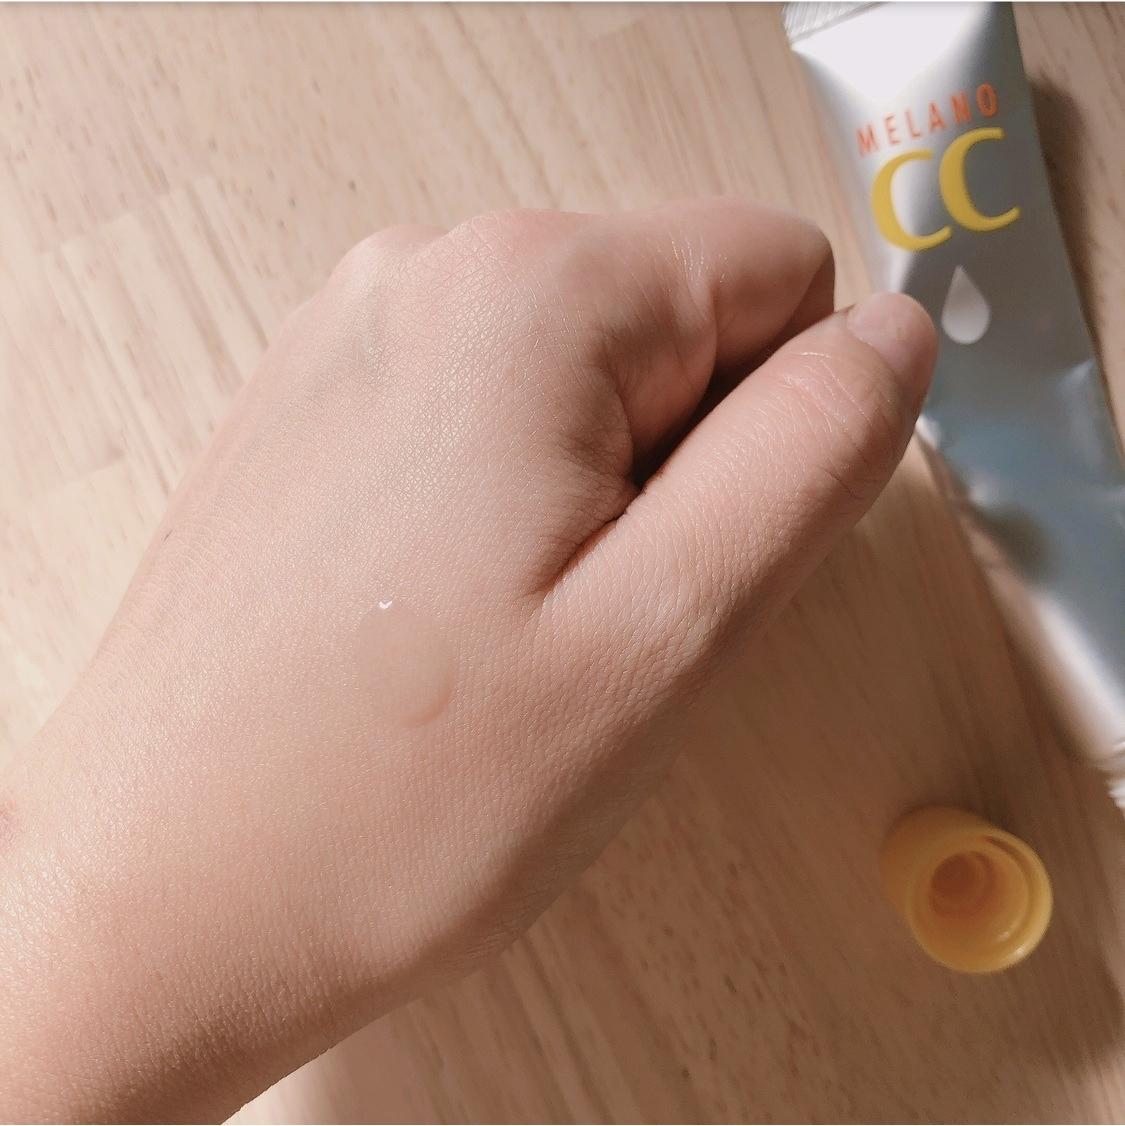 メラノCC 薬用 しみ 集中対策 美容液を使ったみーさん¨̮⸝⋆さんのクチコミ画像2